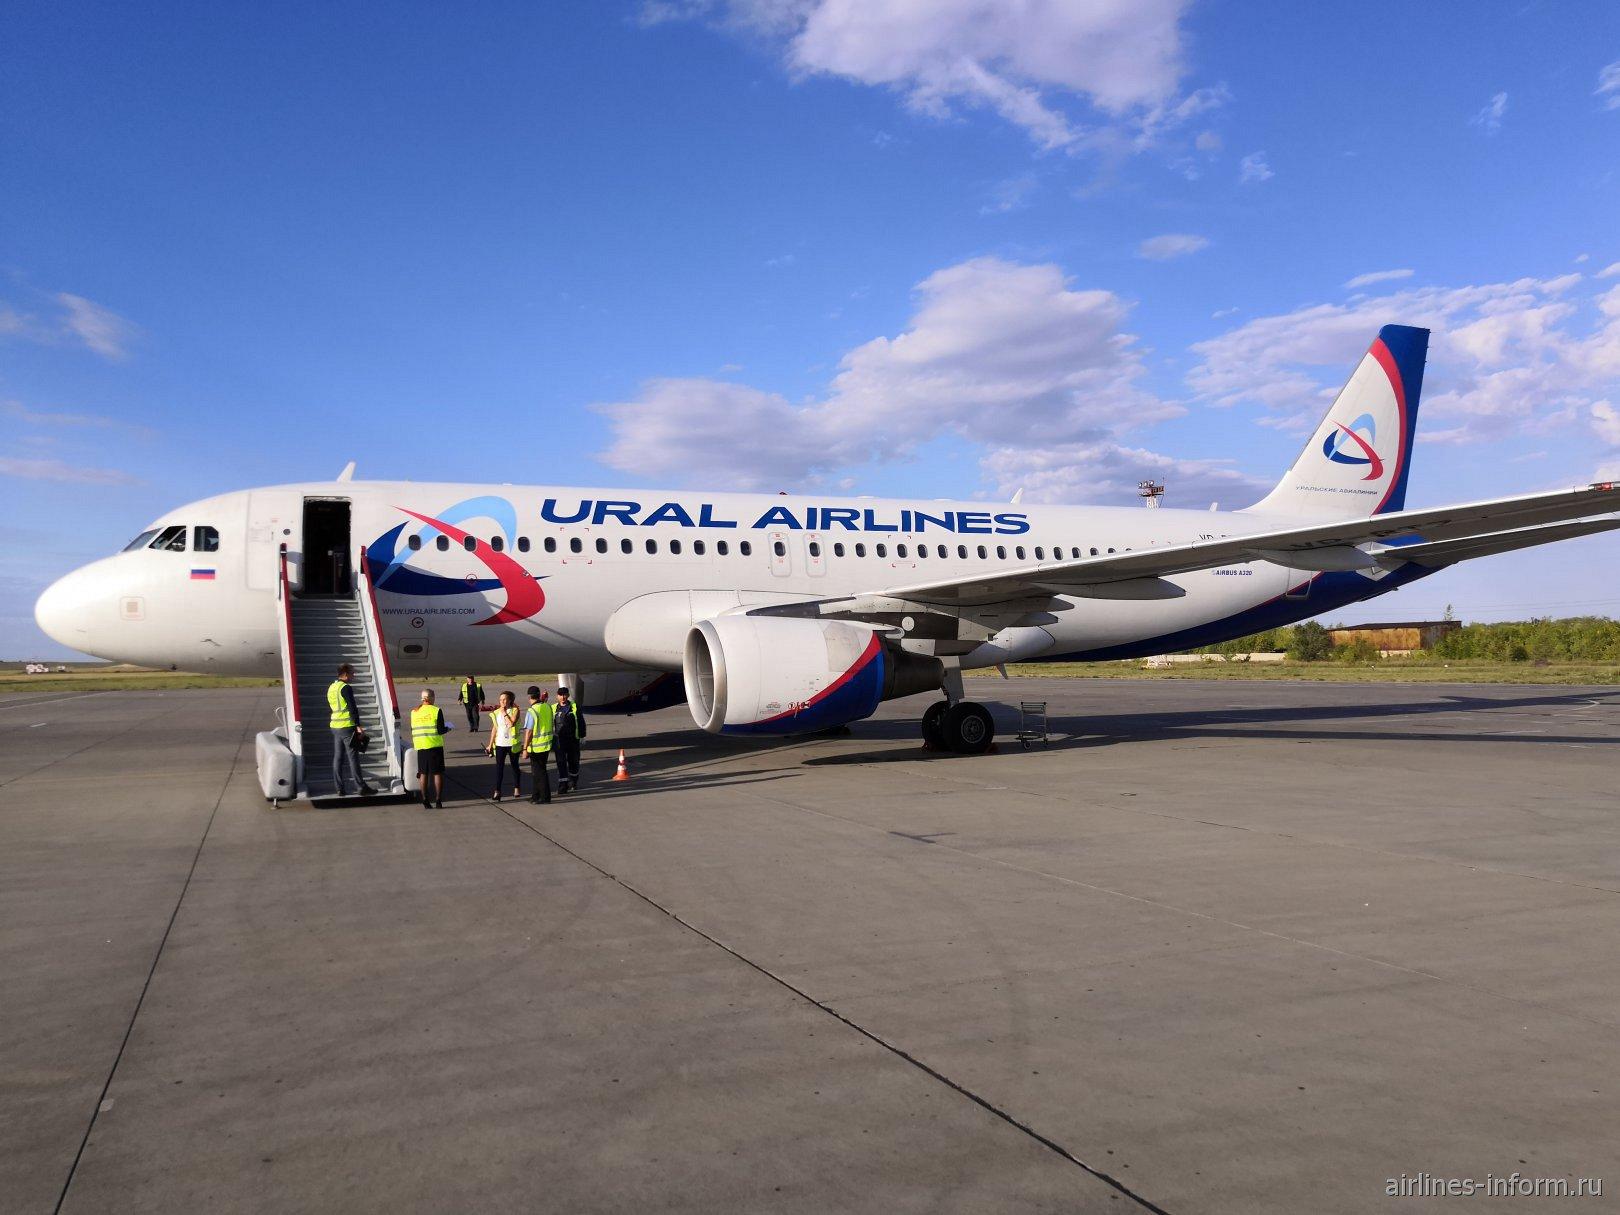 Самолет Airbus A320 VP-BTZ авиакомпании Уральские авиалинии в аэропорту Магнитогорска